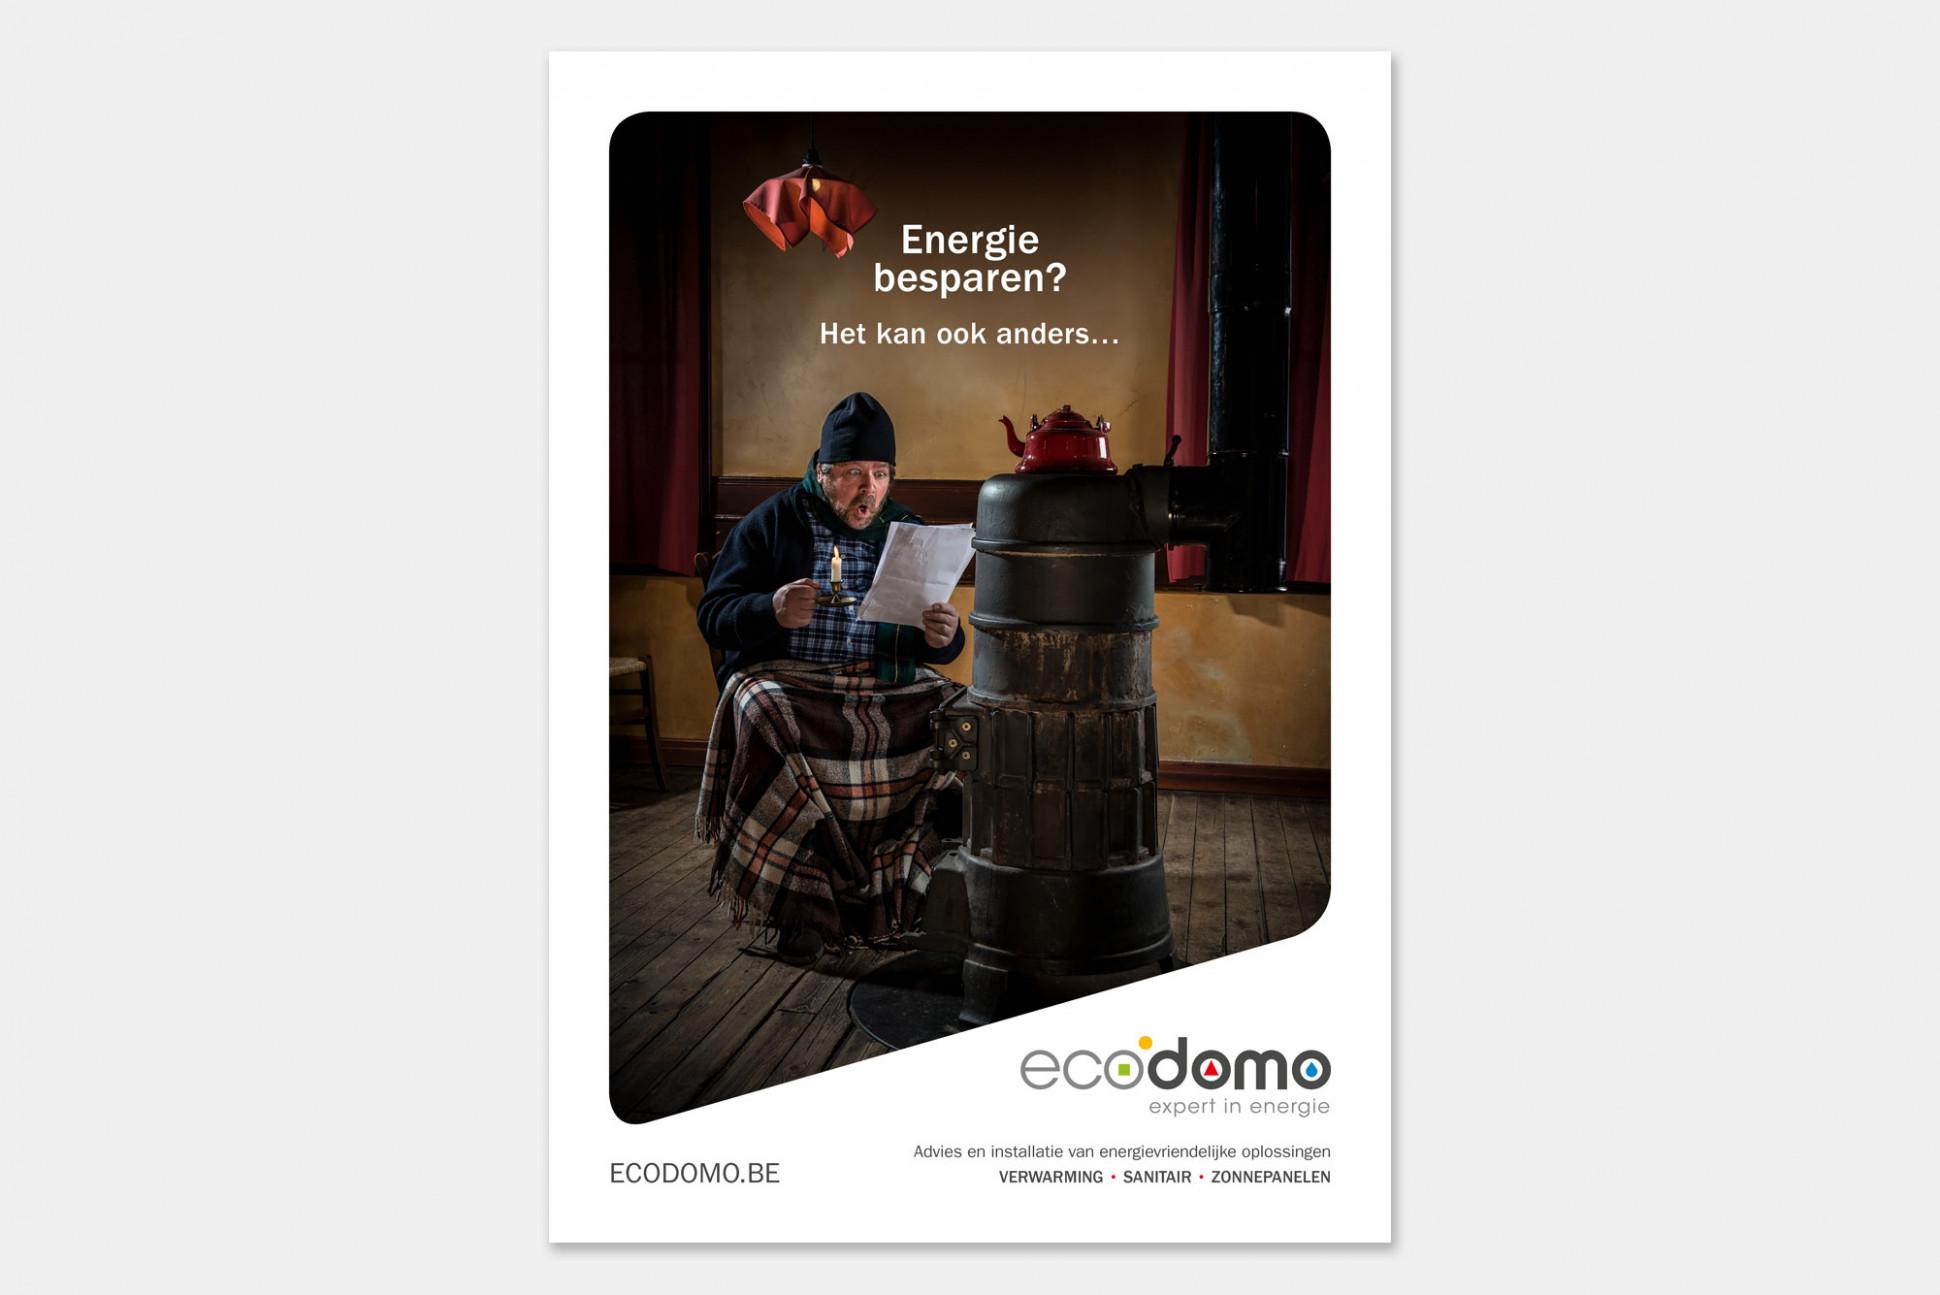 EcodomoCampagne02